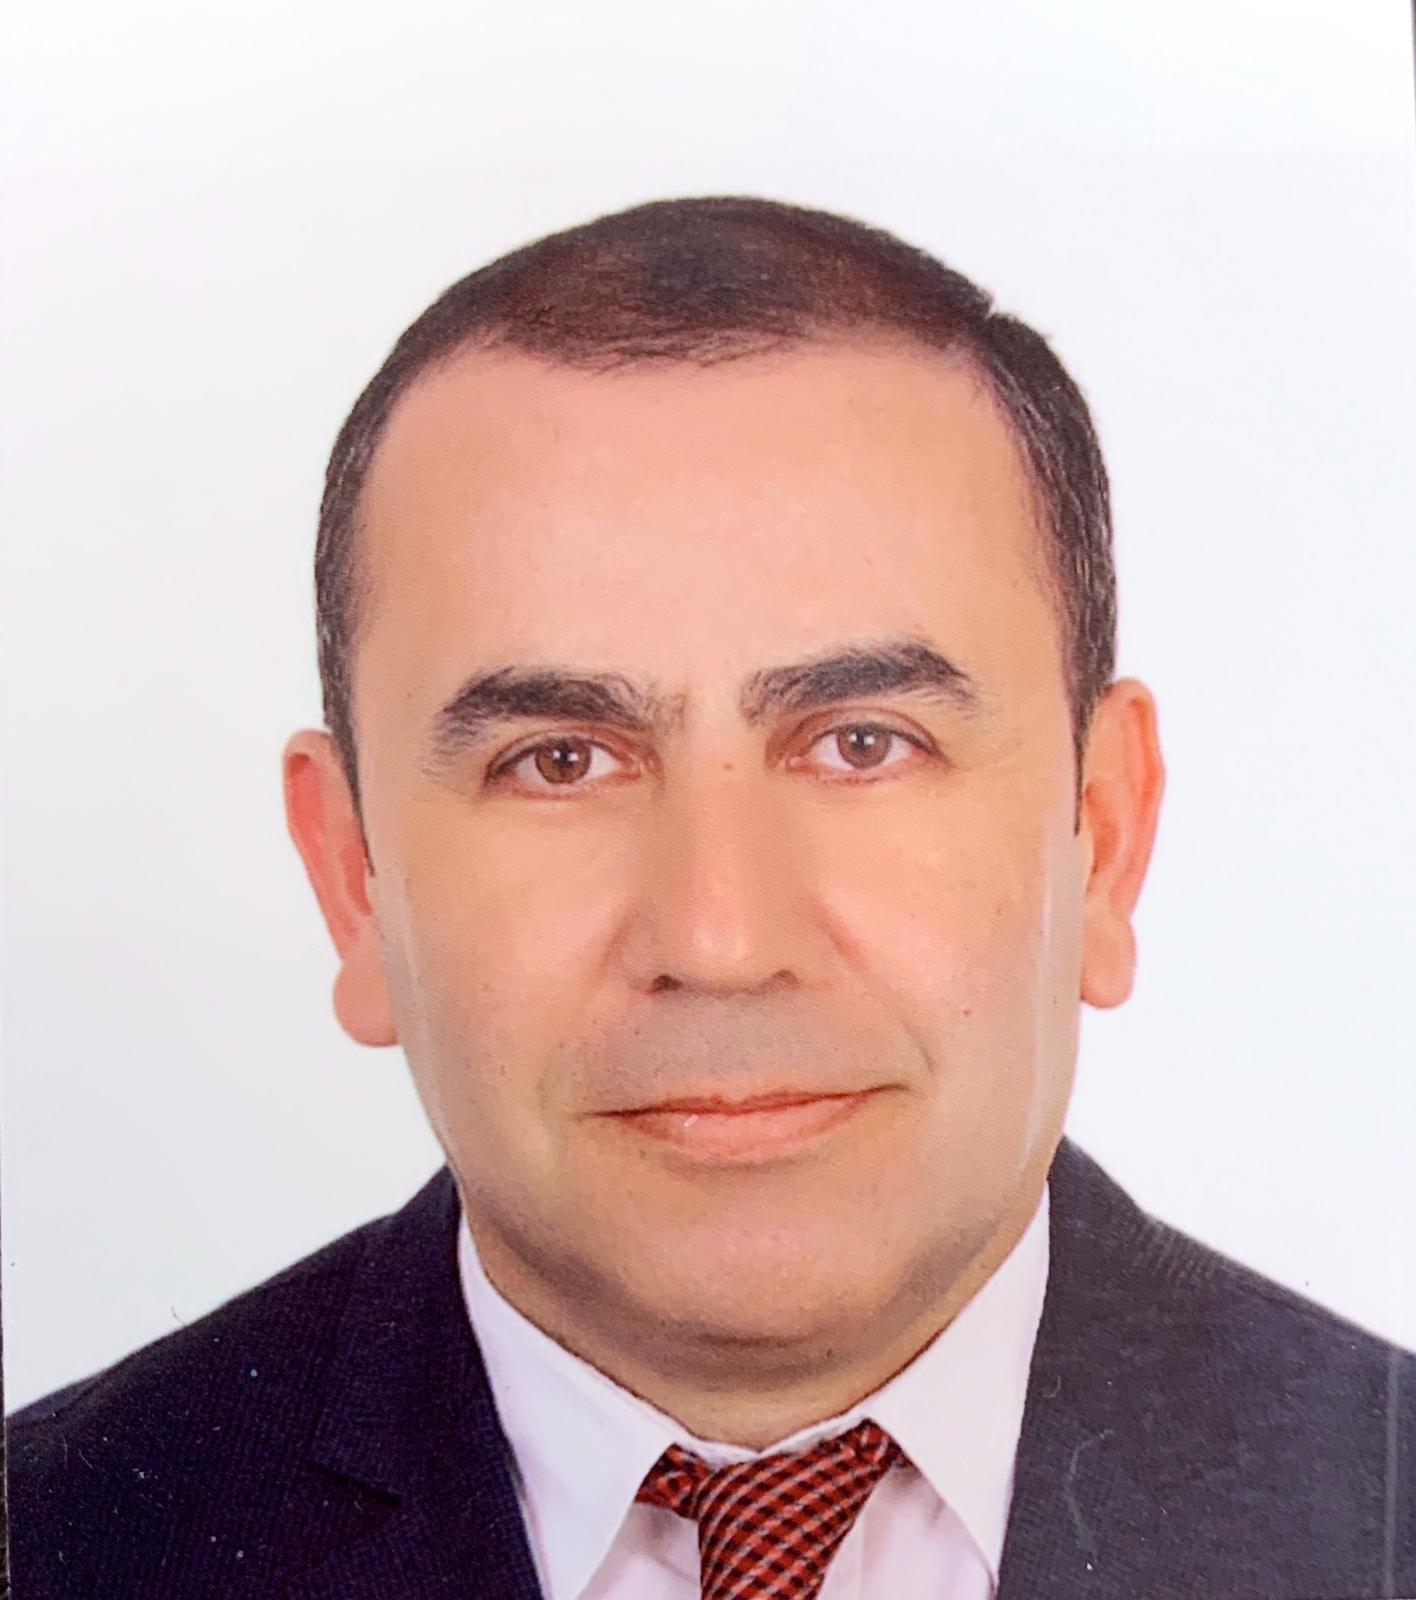 Av Kürşat Orhan Şimşek